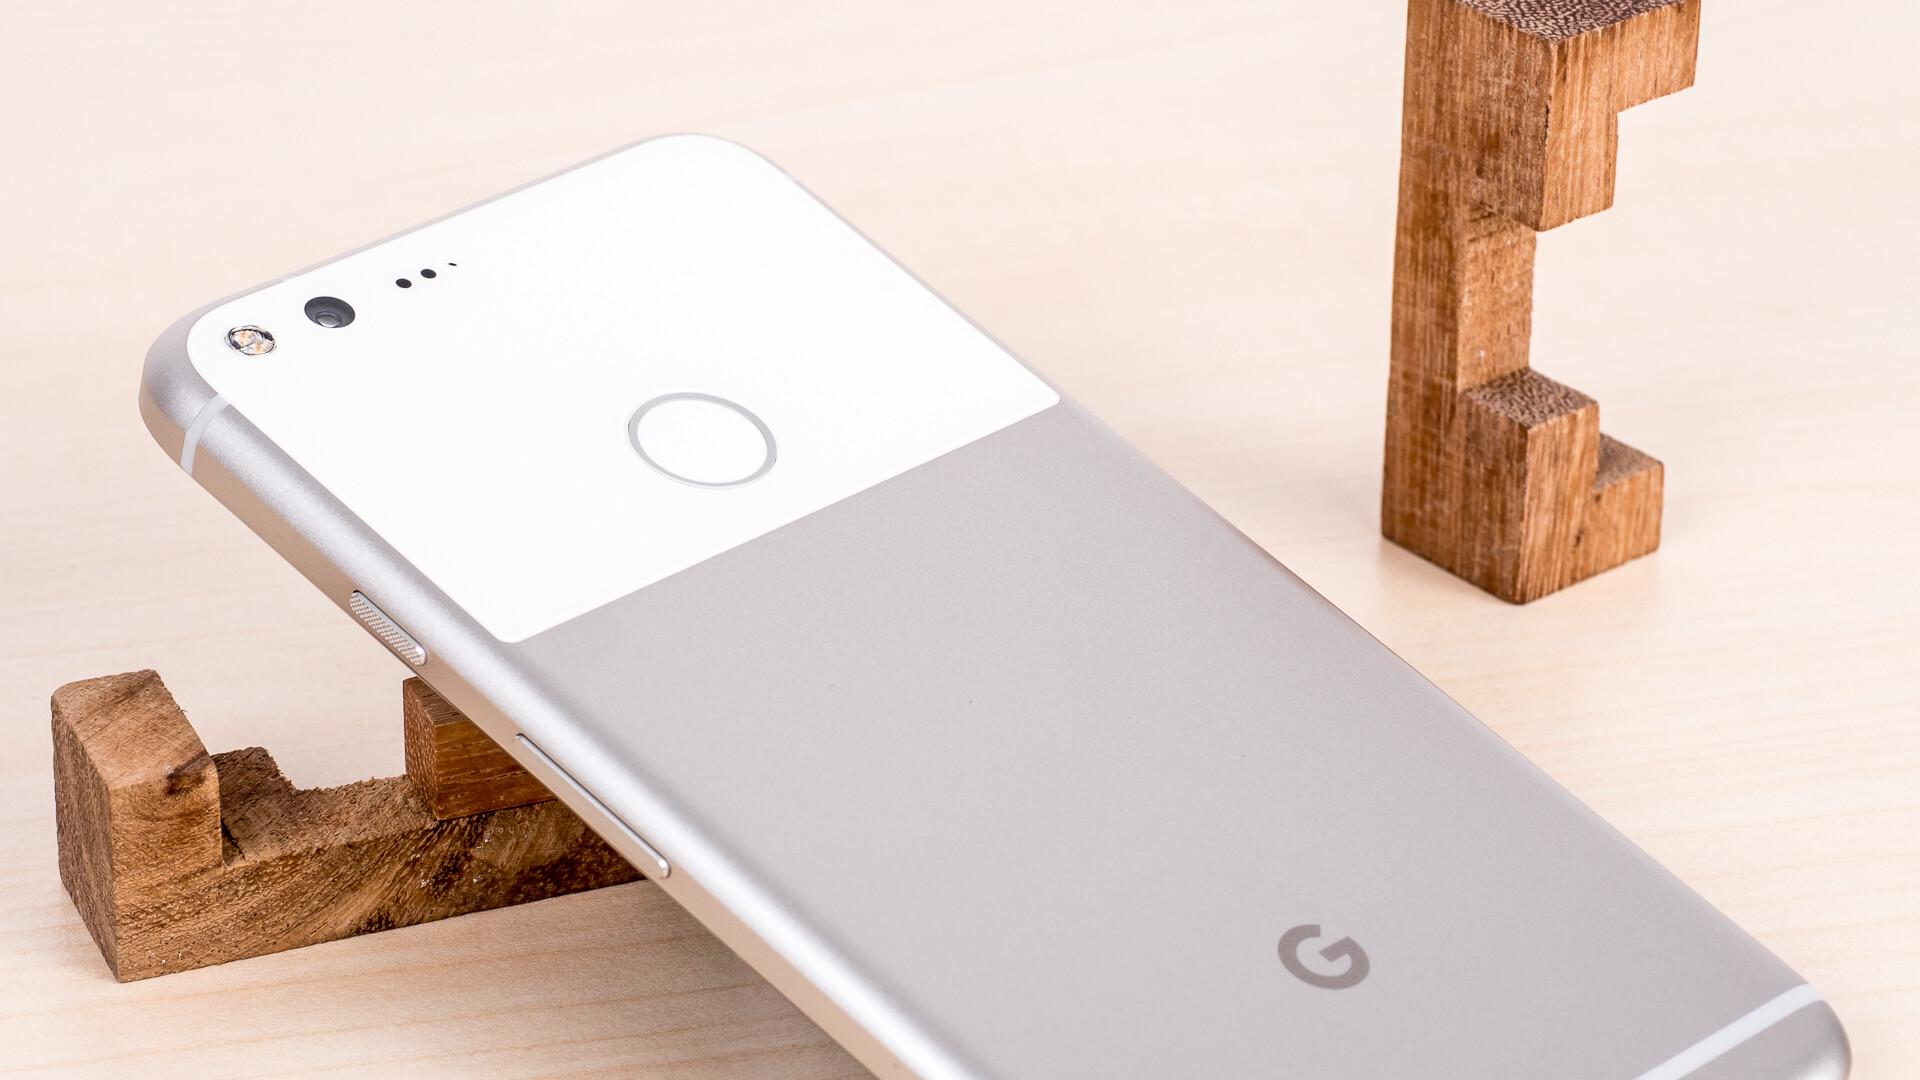 google-pixel-xl-4-203888.jpg